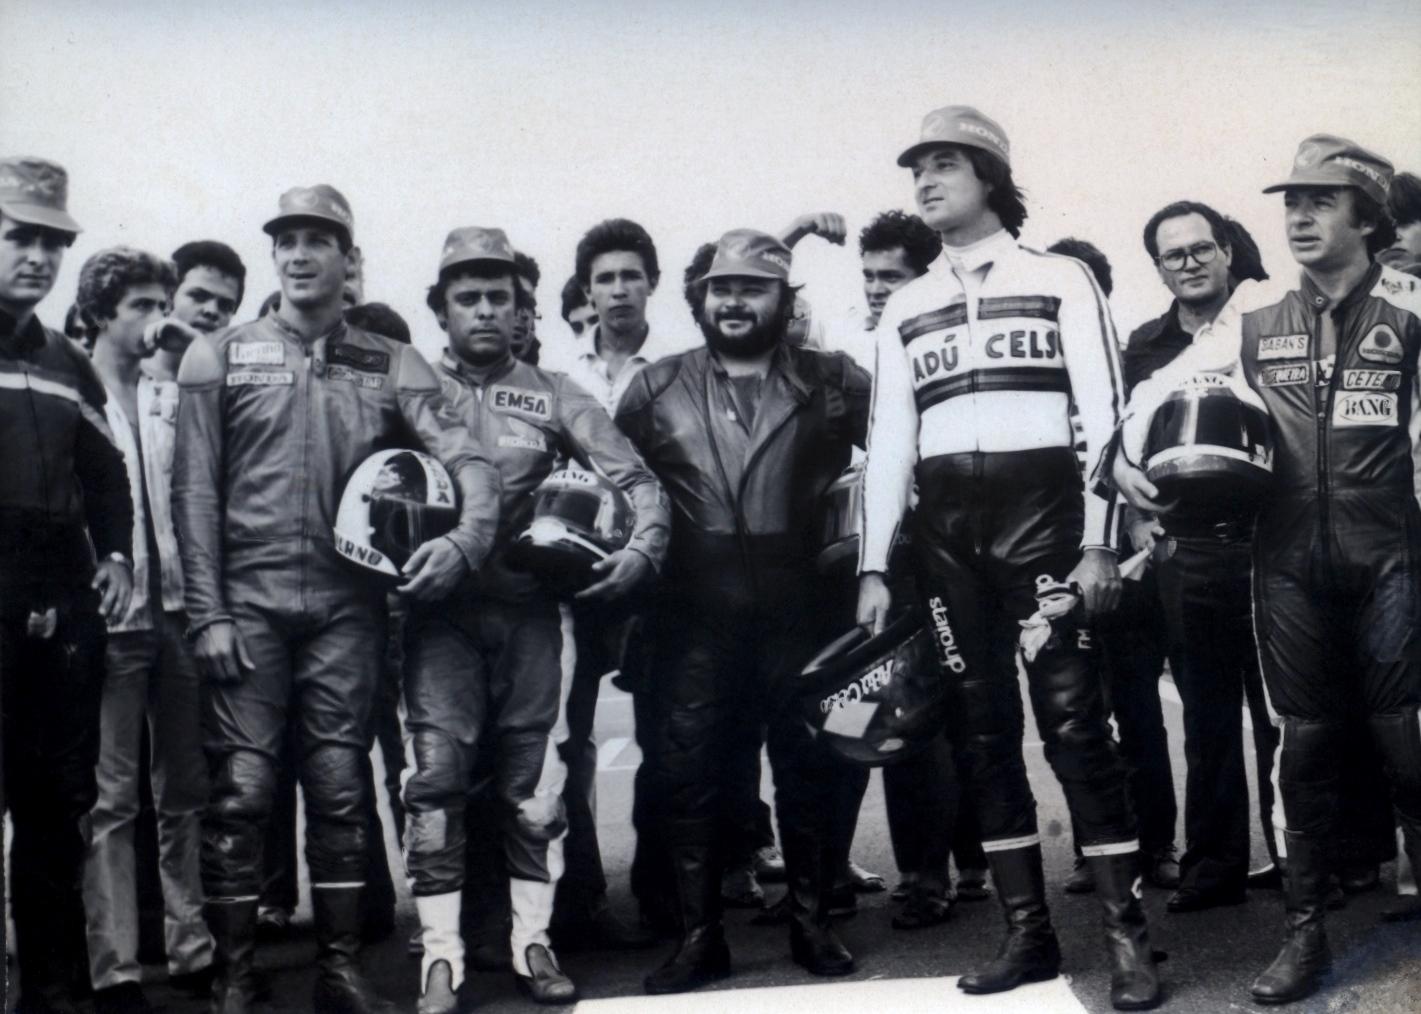 Denísio Casarini, Walter Tucano Barchi, Edmar Ferreira, Eduardo Luzia, Adu Celso e Antonio Sequeira perfilados. (Foto: Acervo Edmar Ferreira / Motostory)